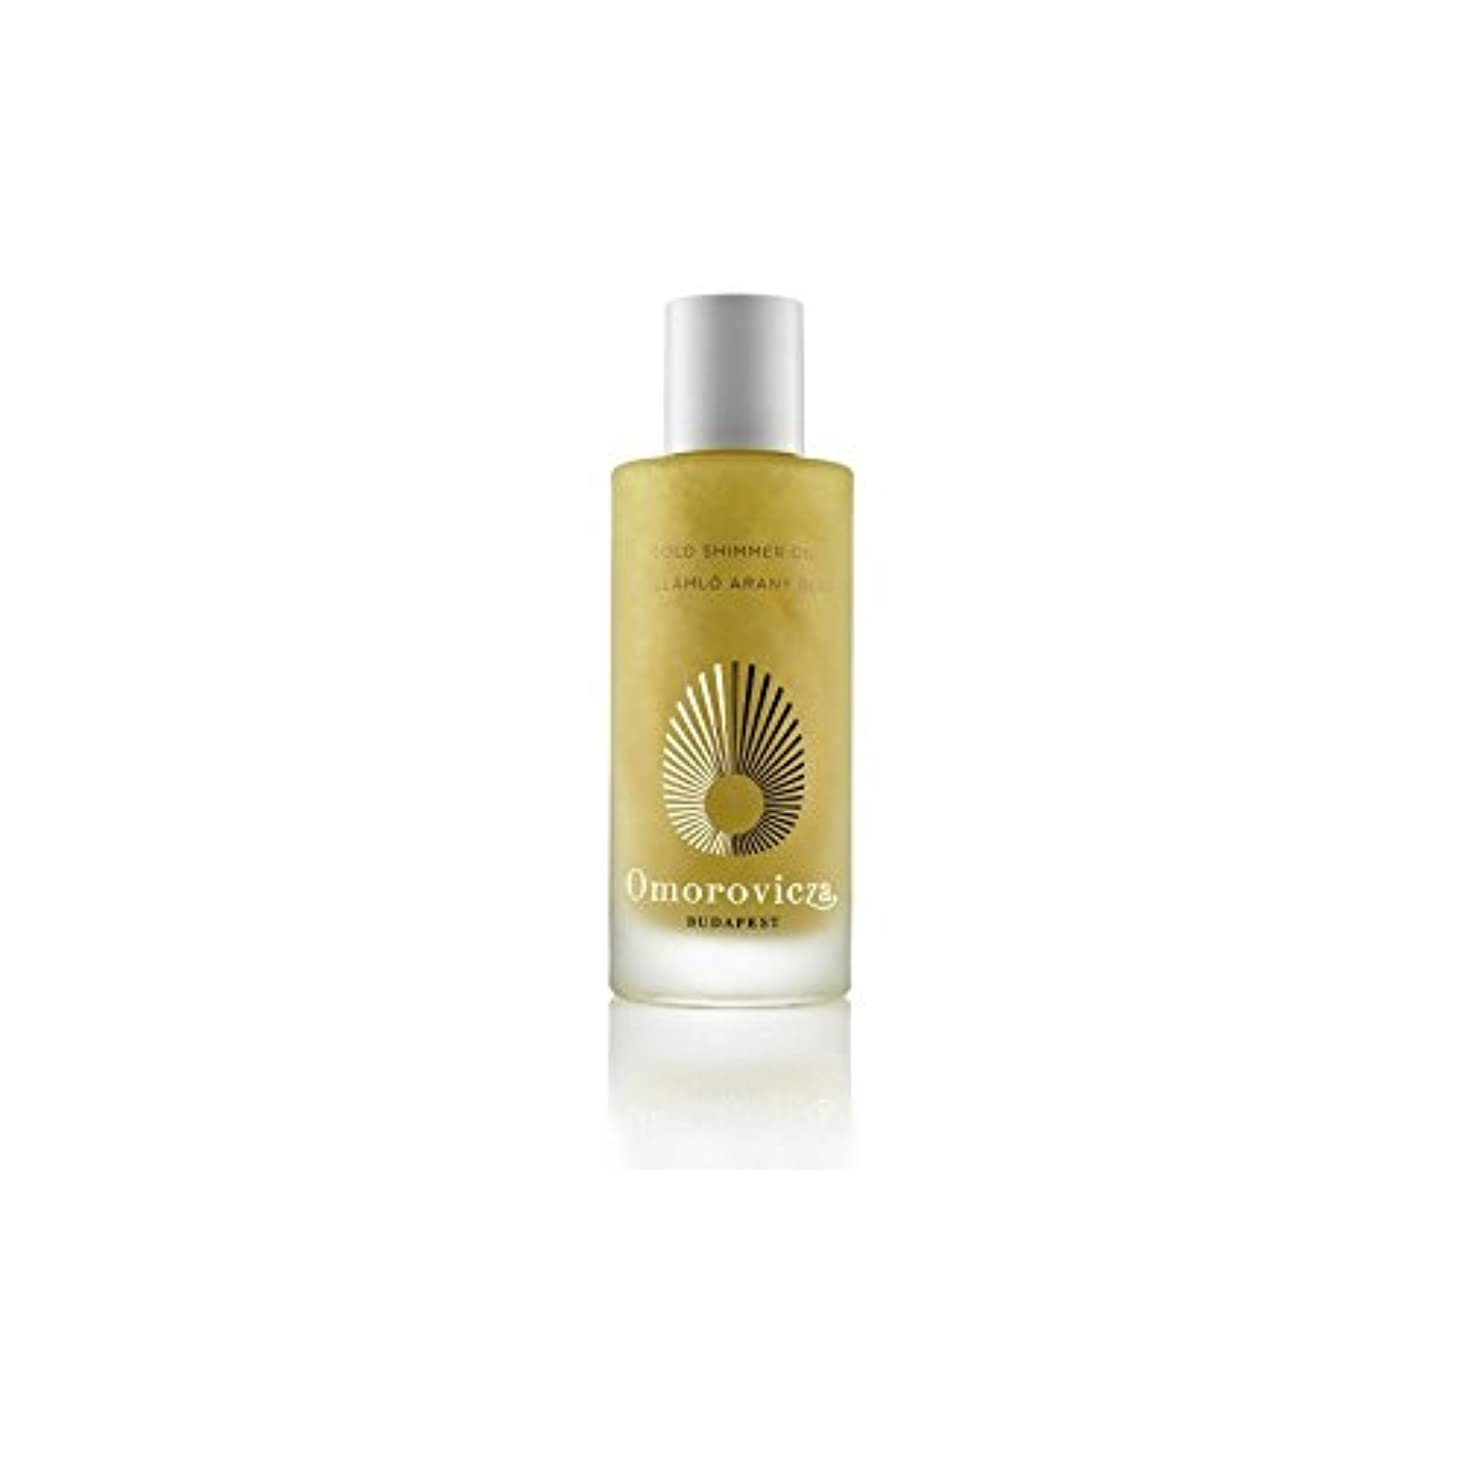 グリルプロポーショナル魔法Omorovicza Gold Shimmer Oil (100ml) - ゴールドシマーオイル(100ミリリットル) [並行輸入品]